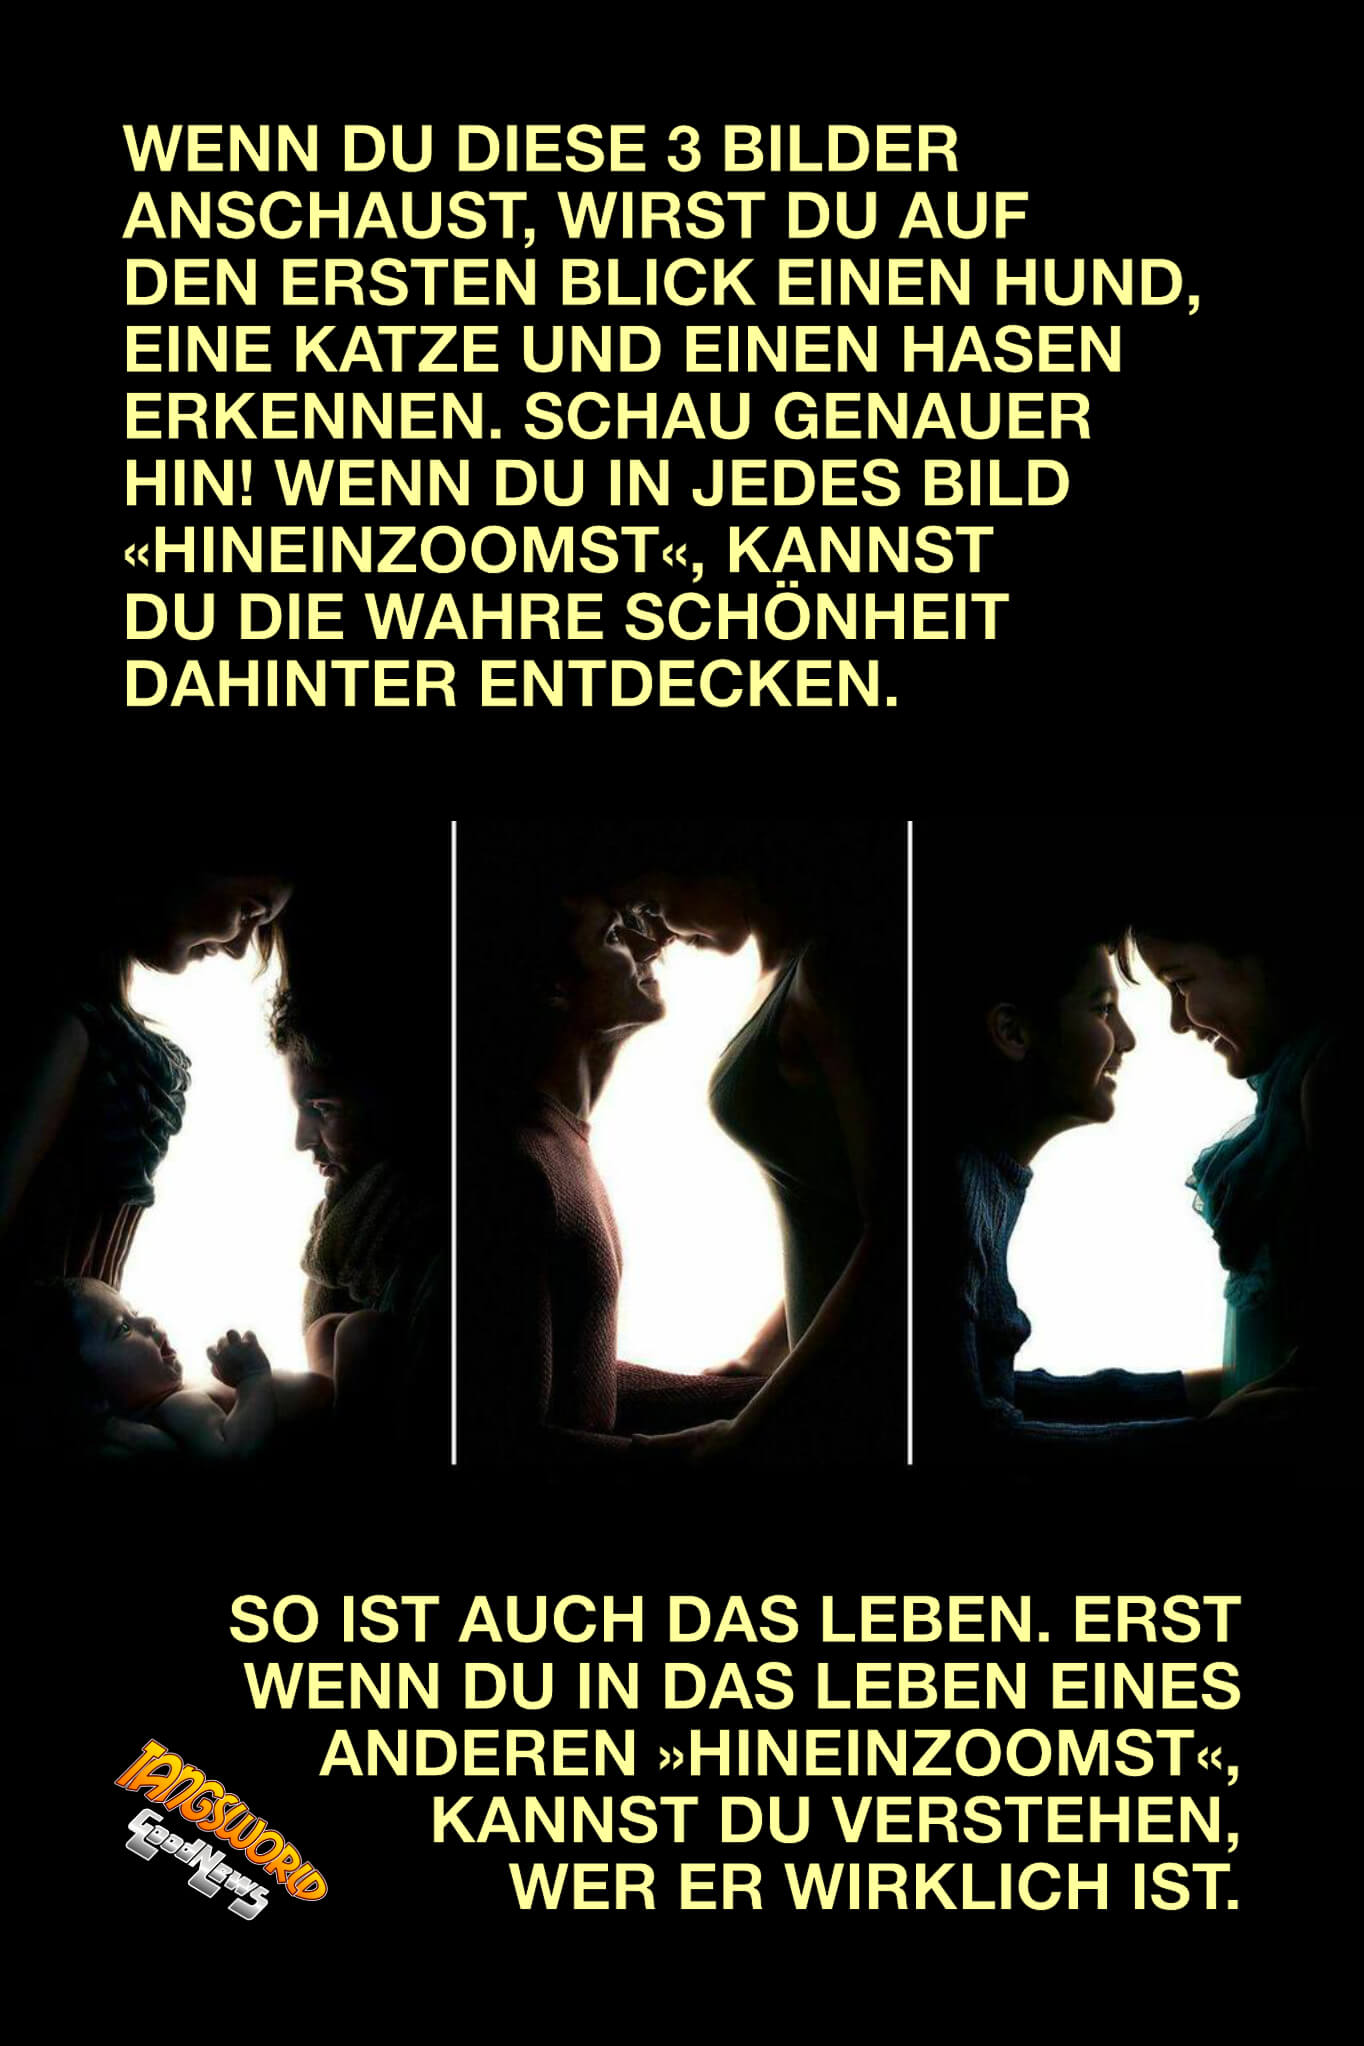 Wenn du diese 3 Bilder anschaust, wirst du auf den ersten Blick einen Hund, eine Katze und einen Hasen erkennen. Schau genauer hin! - GoodNews